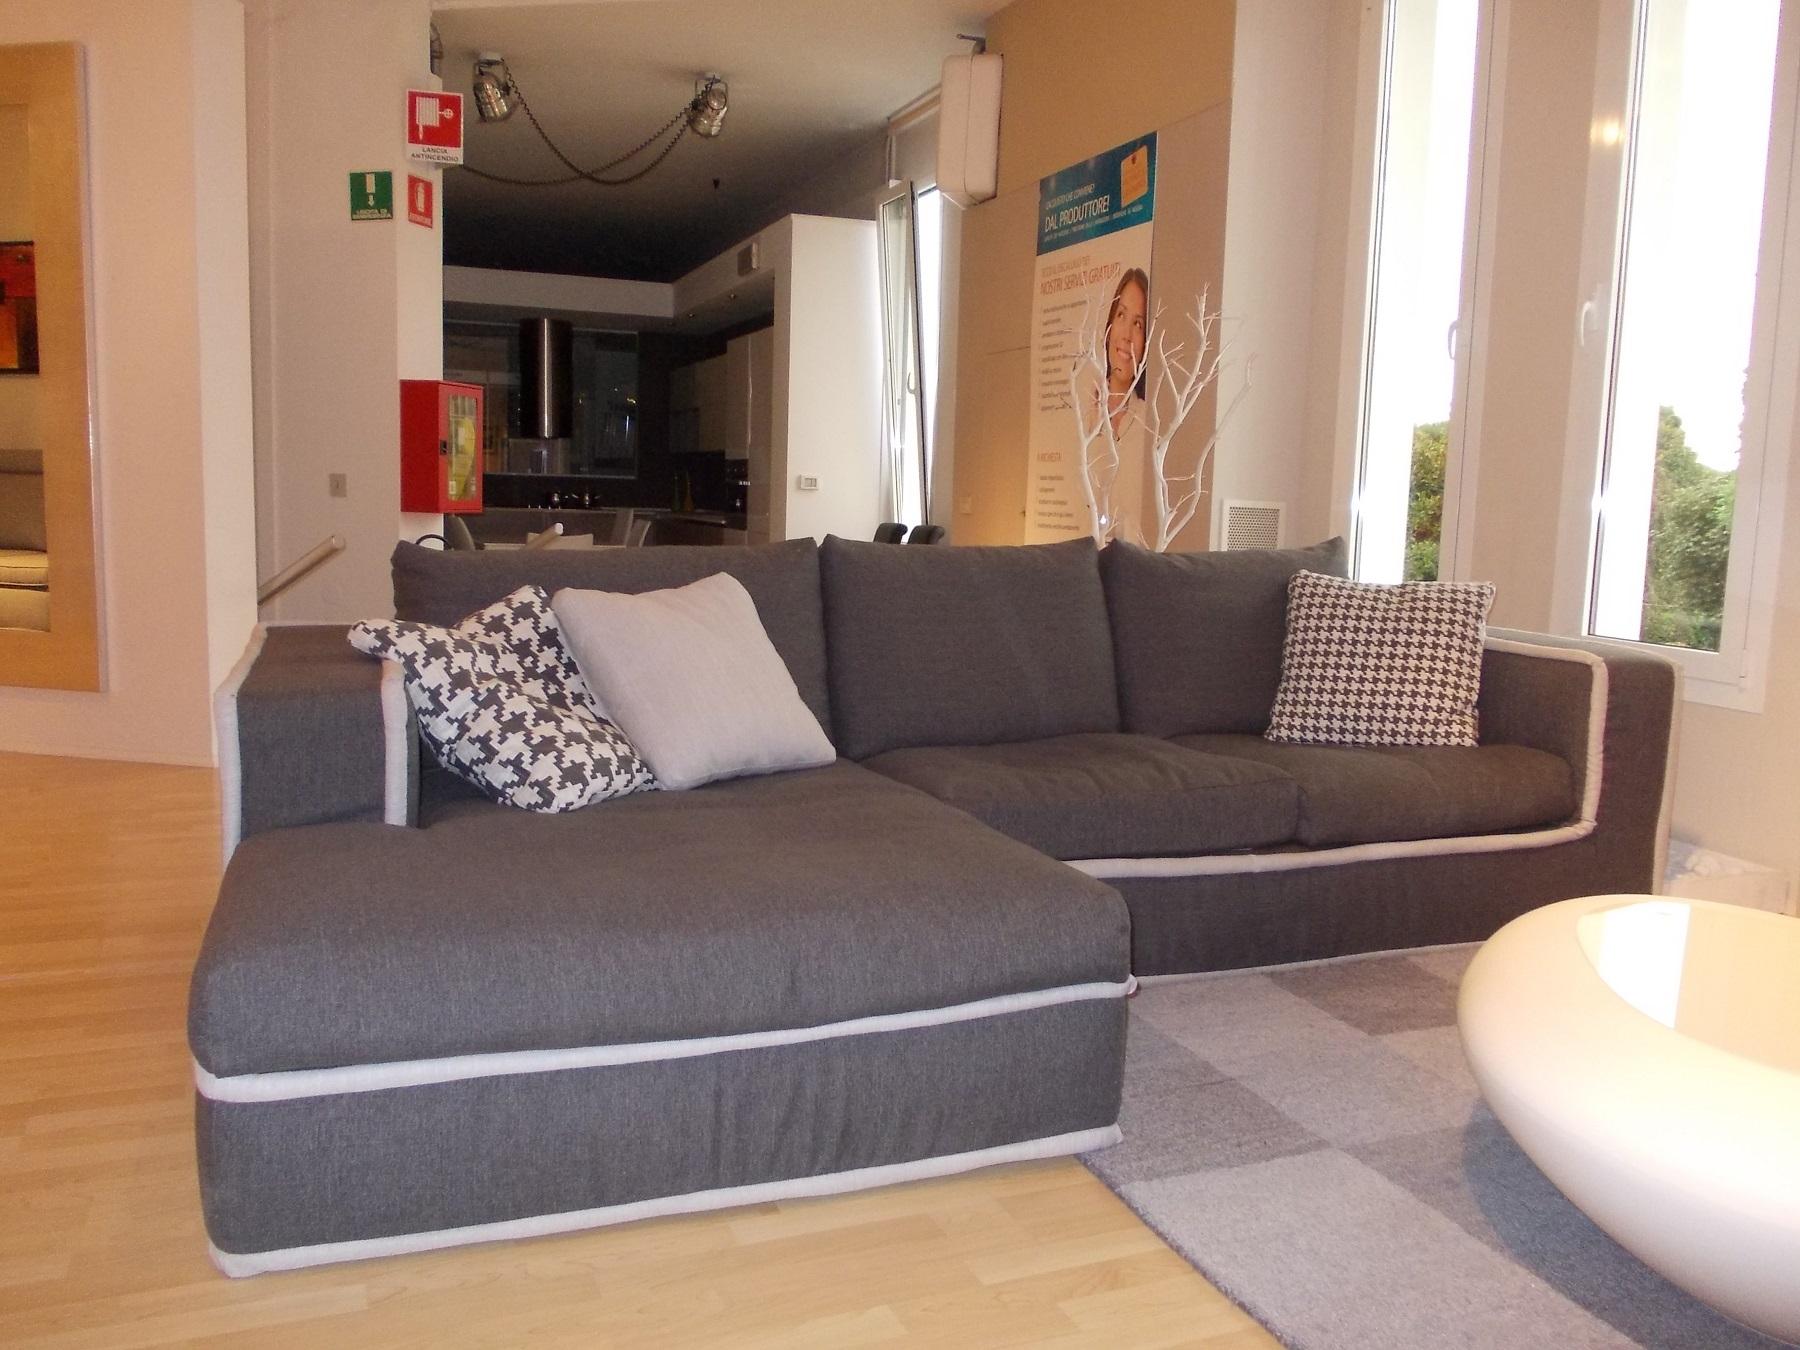 Divano alberta salotti modello simon divano con penisola tessuto divani a prezzi scontati - Divano seduta profonda ...